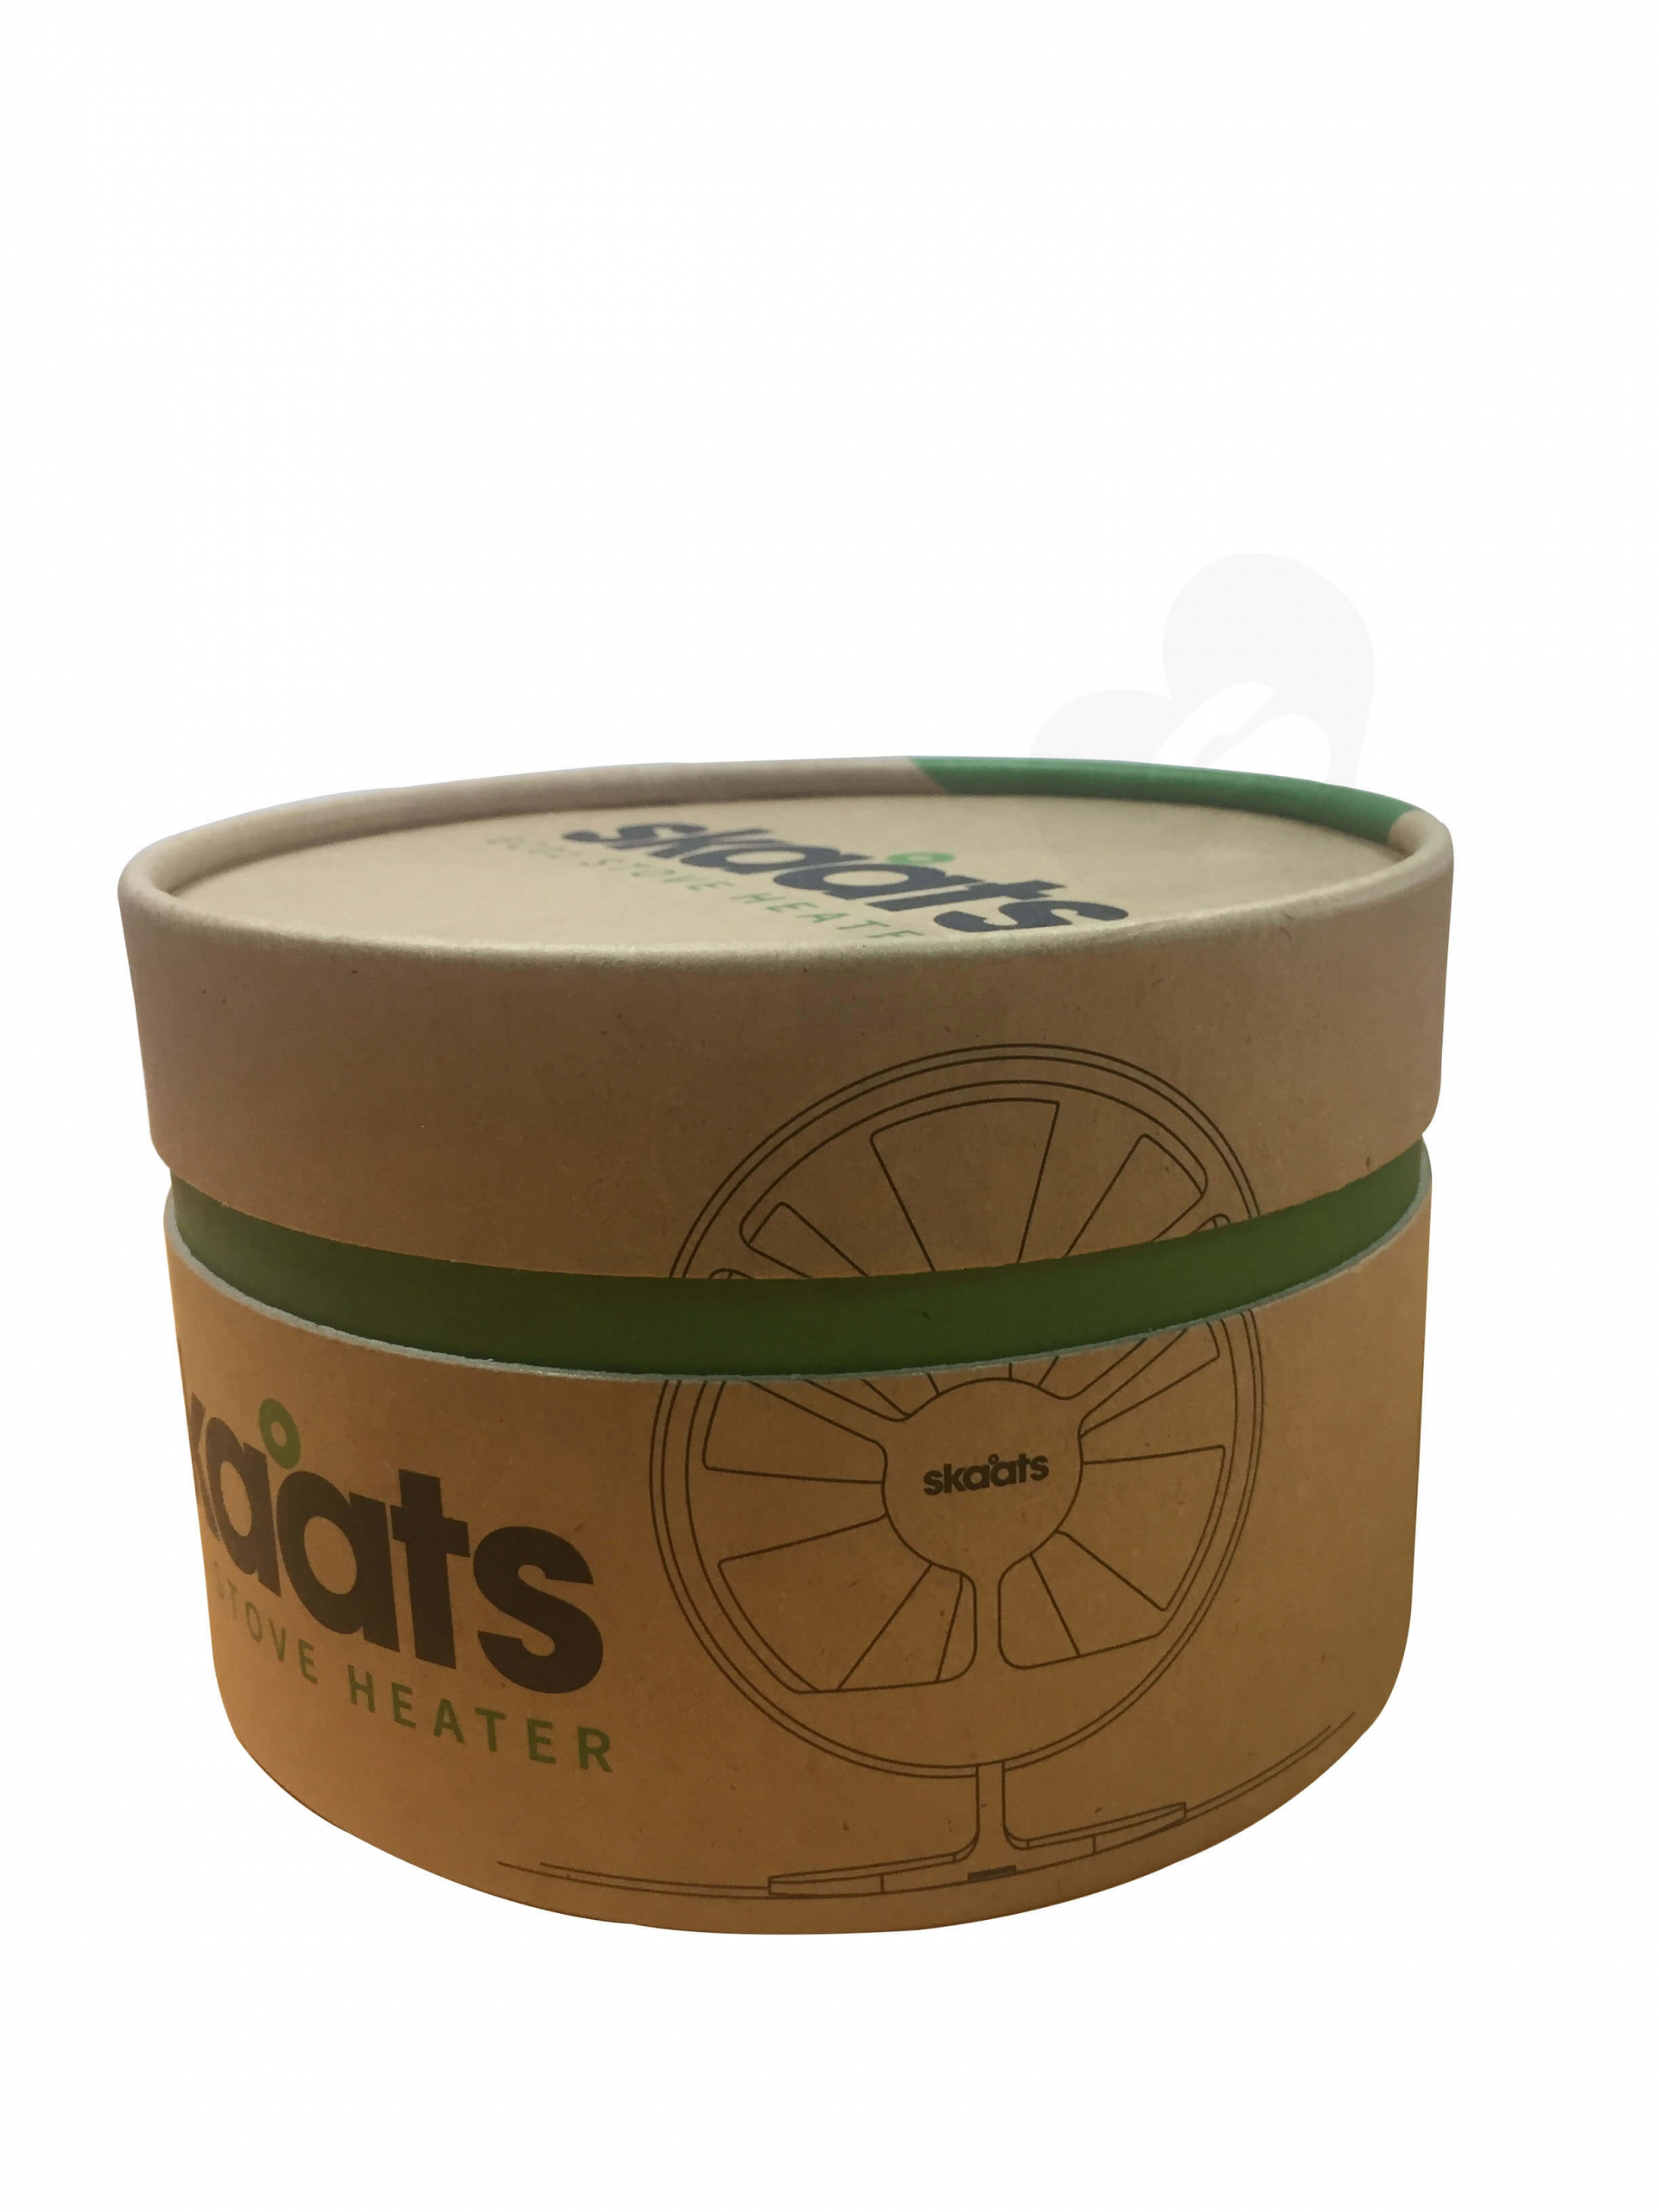 ECO Fan Custom Kraft Tube With Die Cut Foam Insert Side View 4